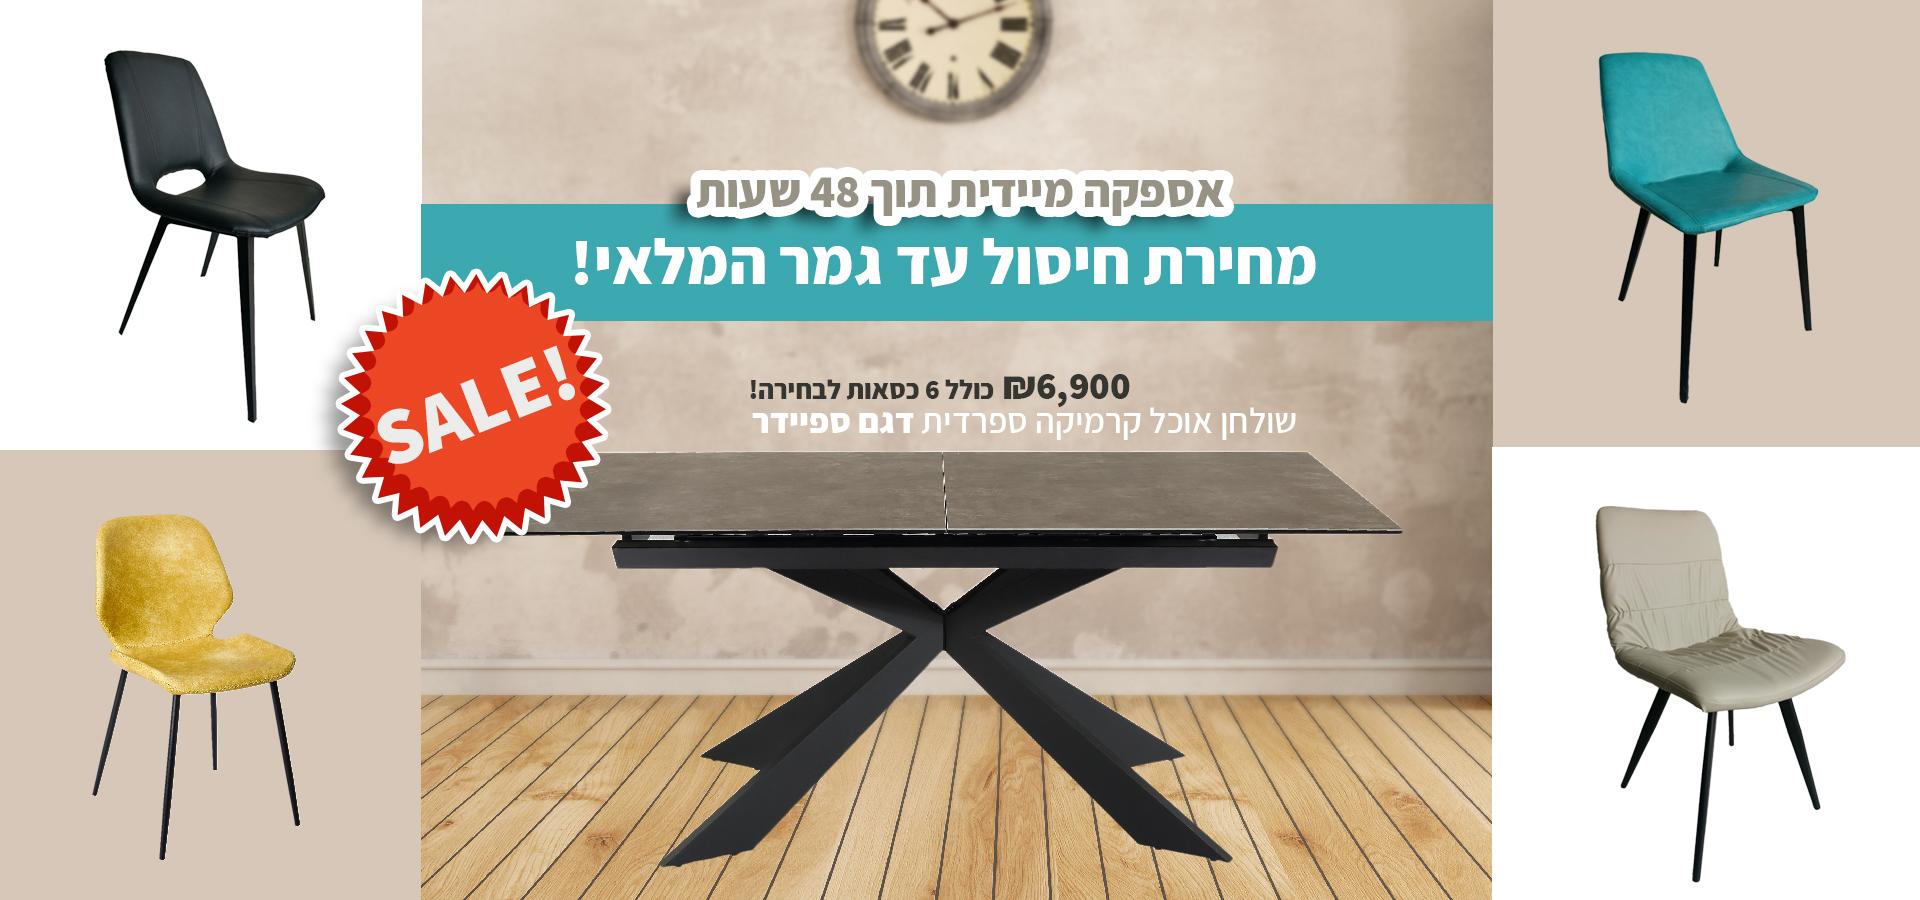 שולחן אוכל פינת אוכל משיש פינת אוכל מפורמיקה כהן רהיטים